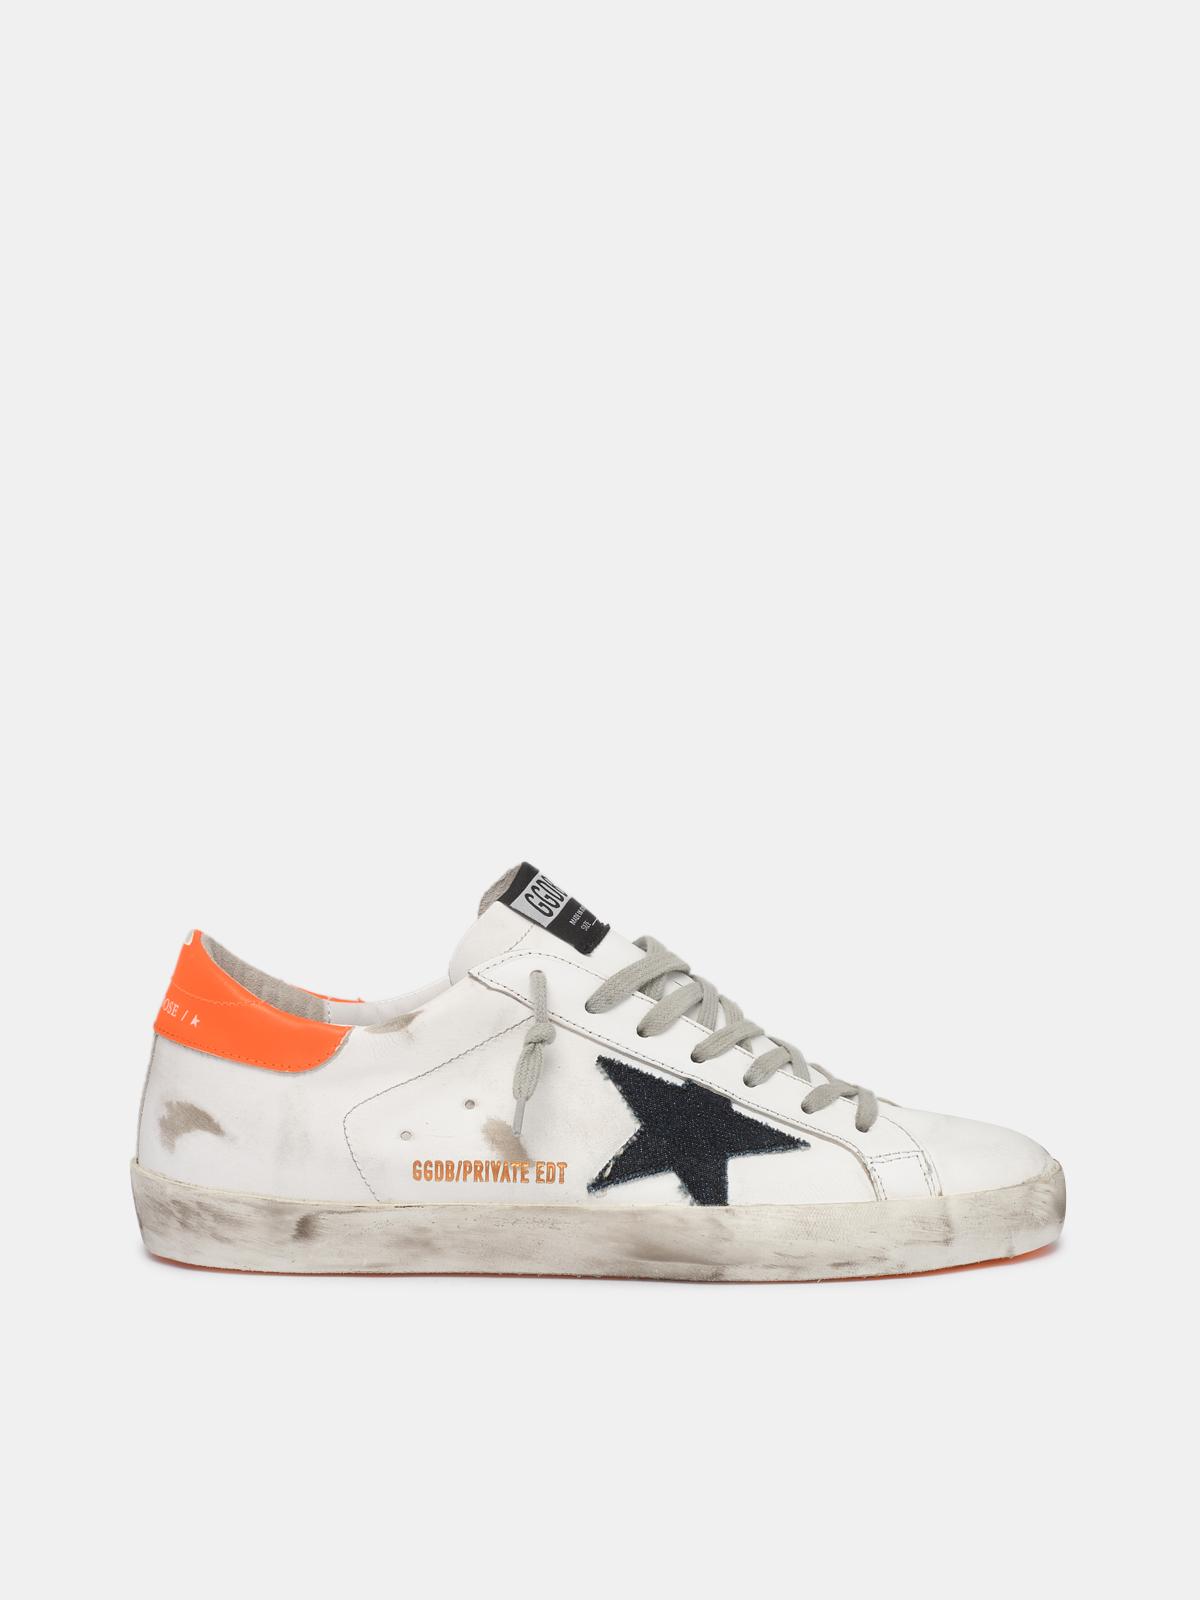 Golden Goose - Men's Super-Star sneakers with orange heel tab   in